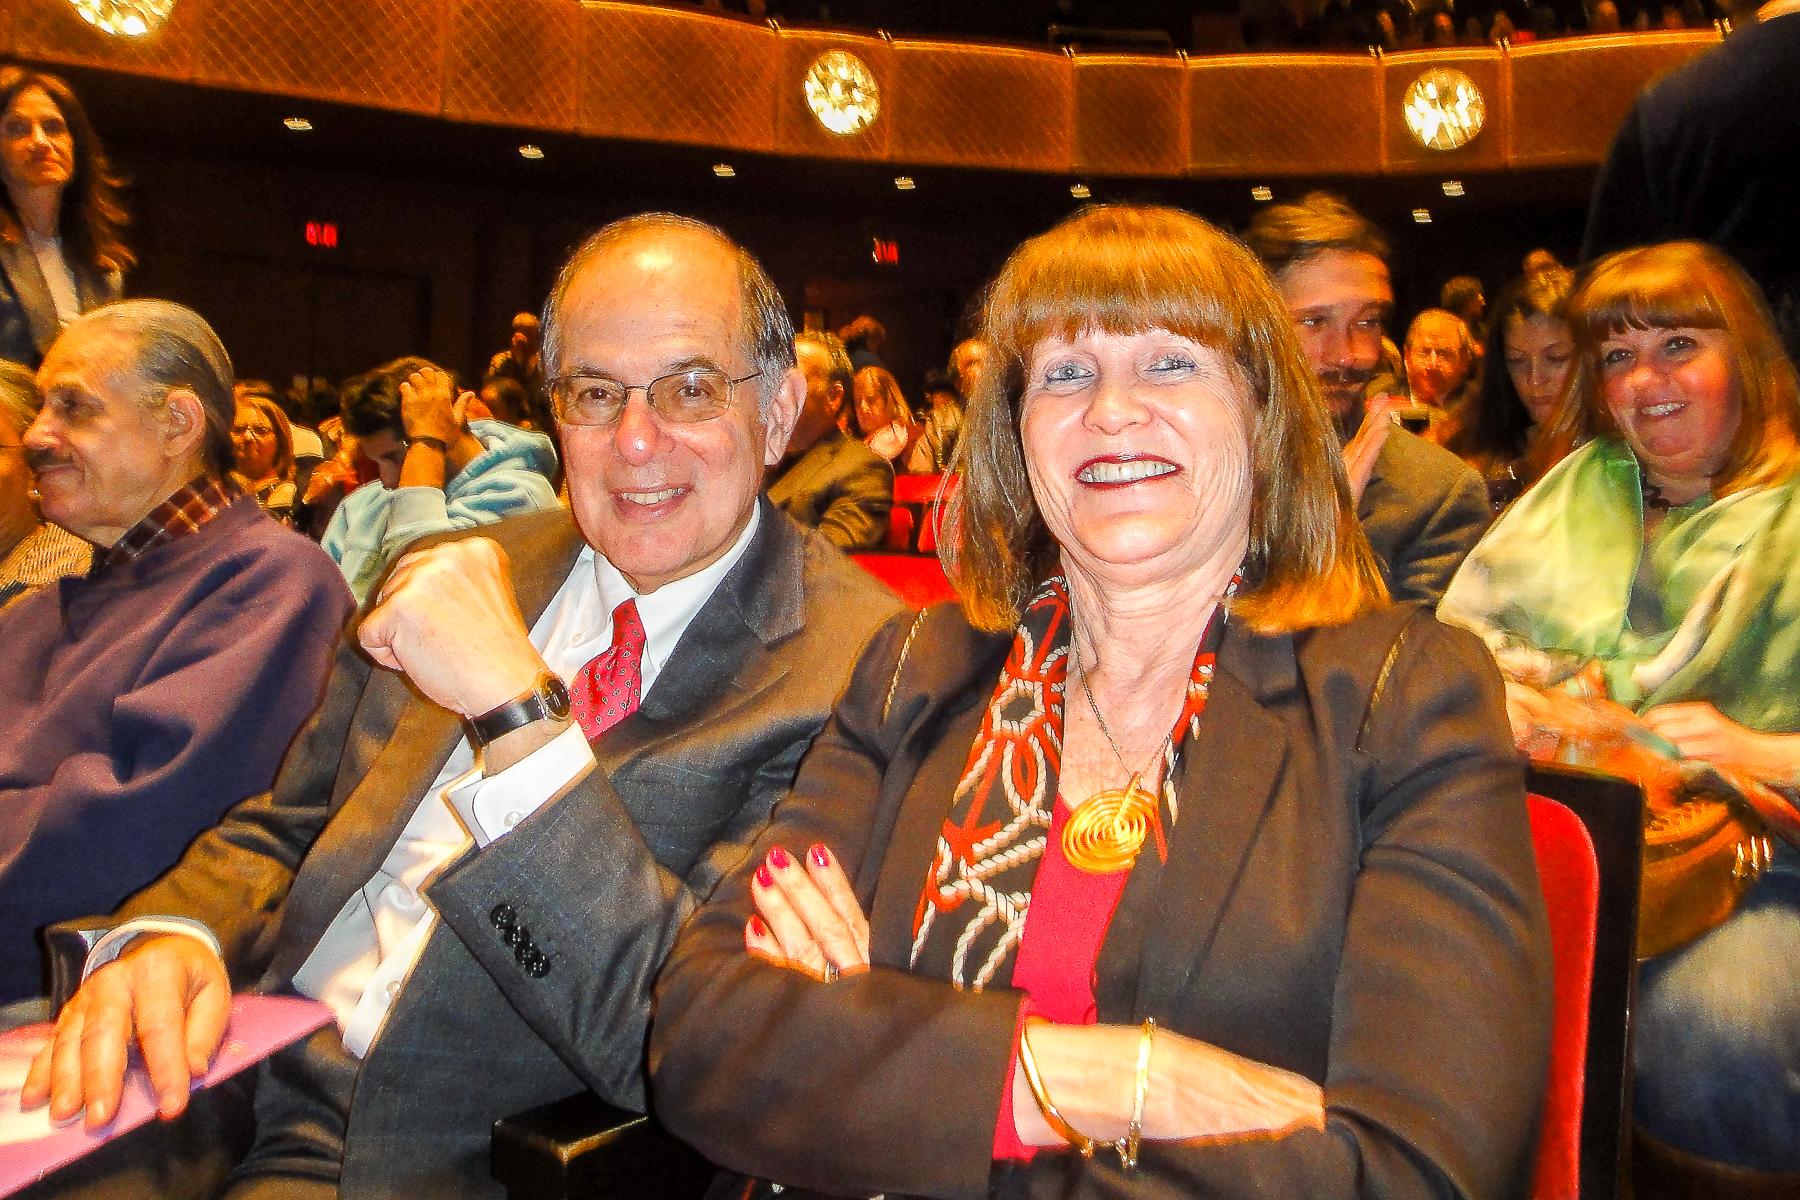 1月10日,美國著名喬伊斯劇院基金會(The Joyce Theater Foundation)副主席Steve Pesner和太太觀賞了神韻在紐約的首場演出。(滕冬育/大紀元)